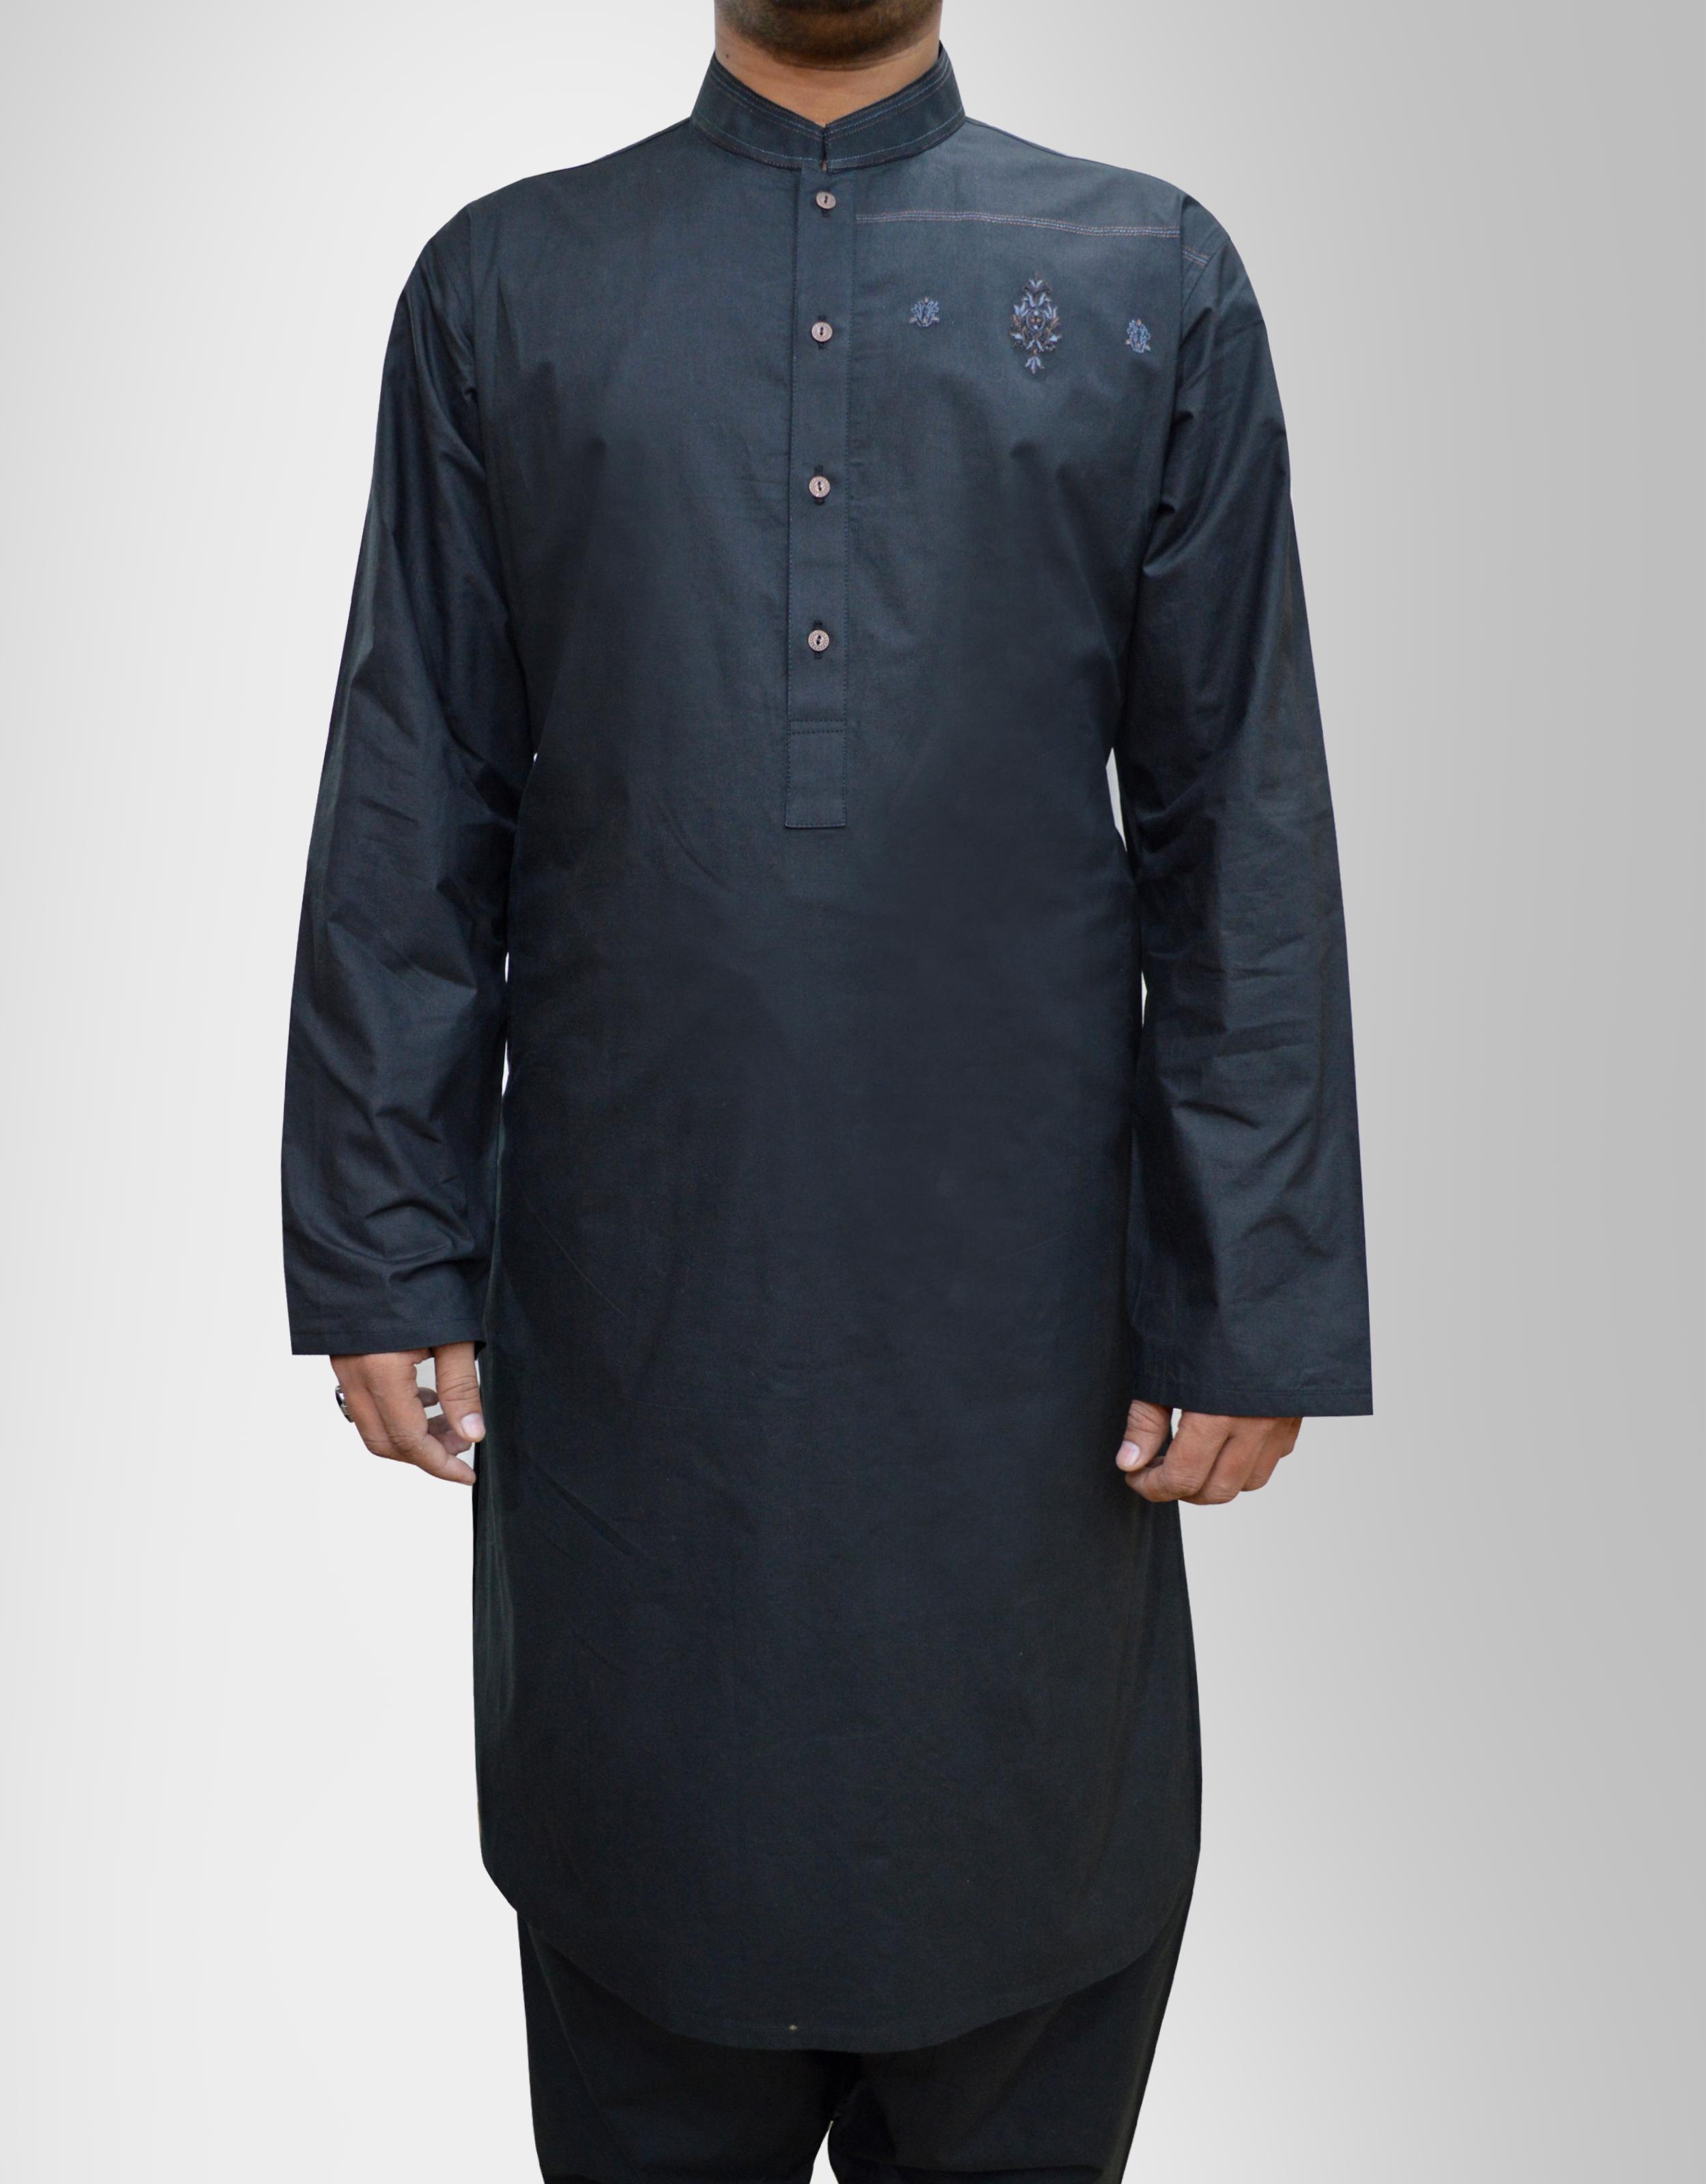 Amir-Adnan-winter-Kurta-collection (6)